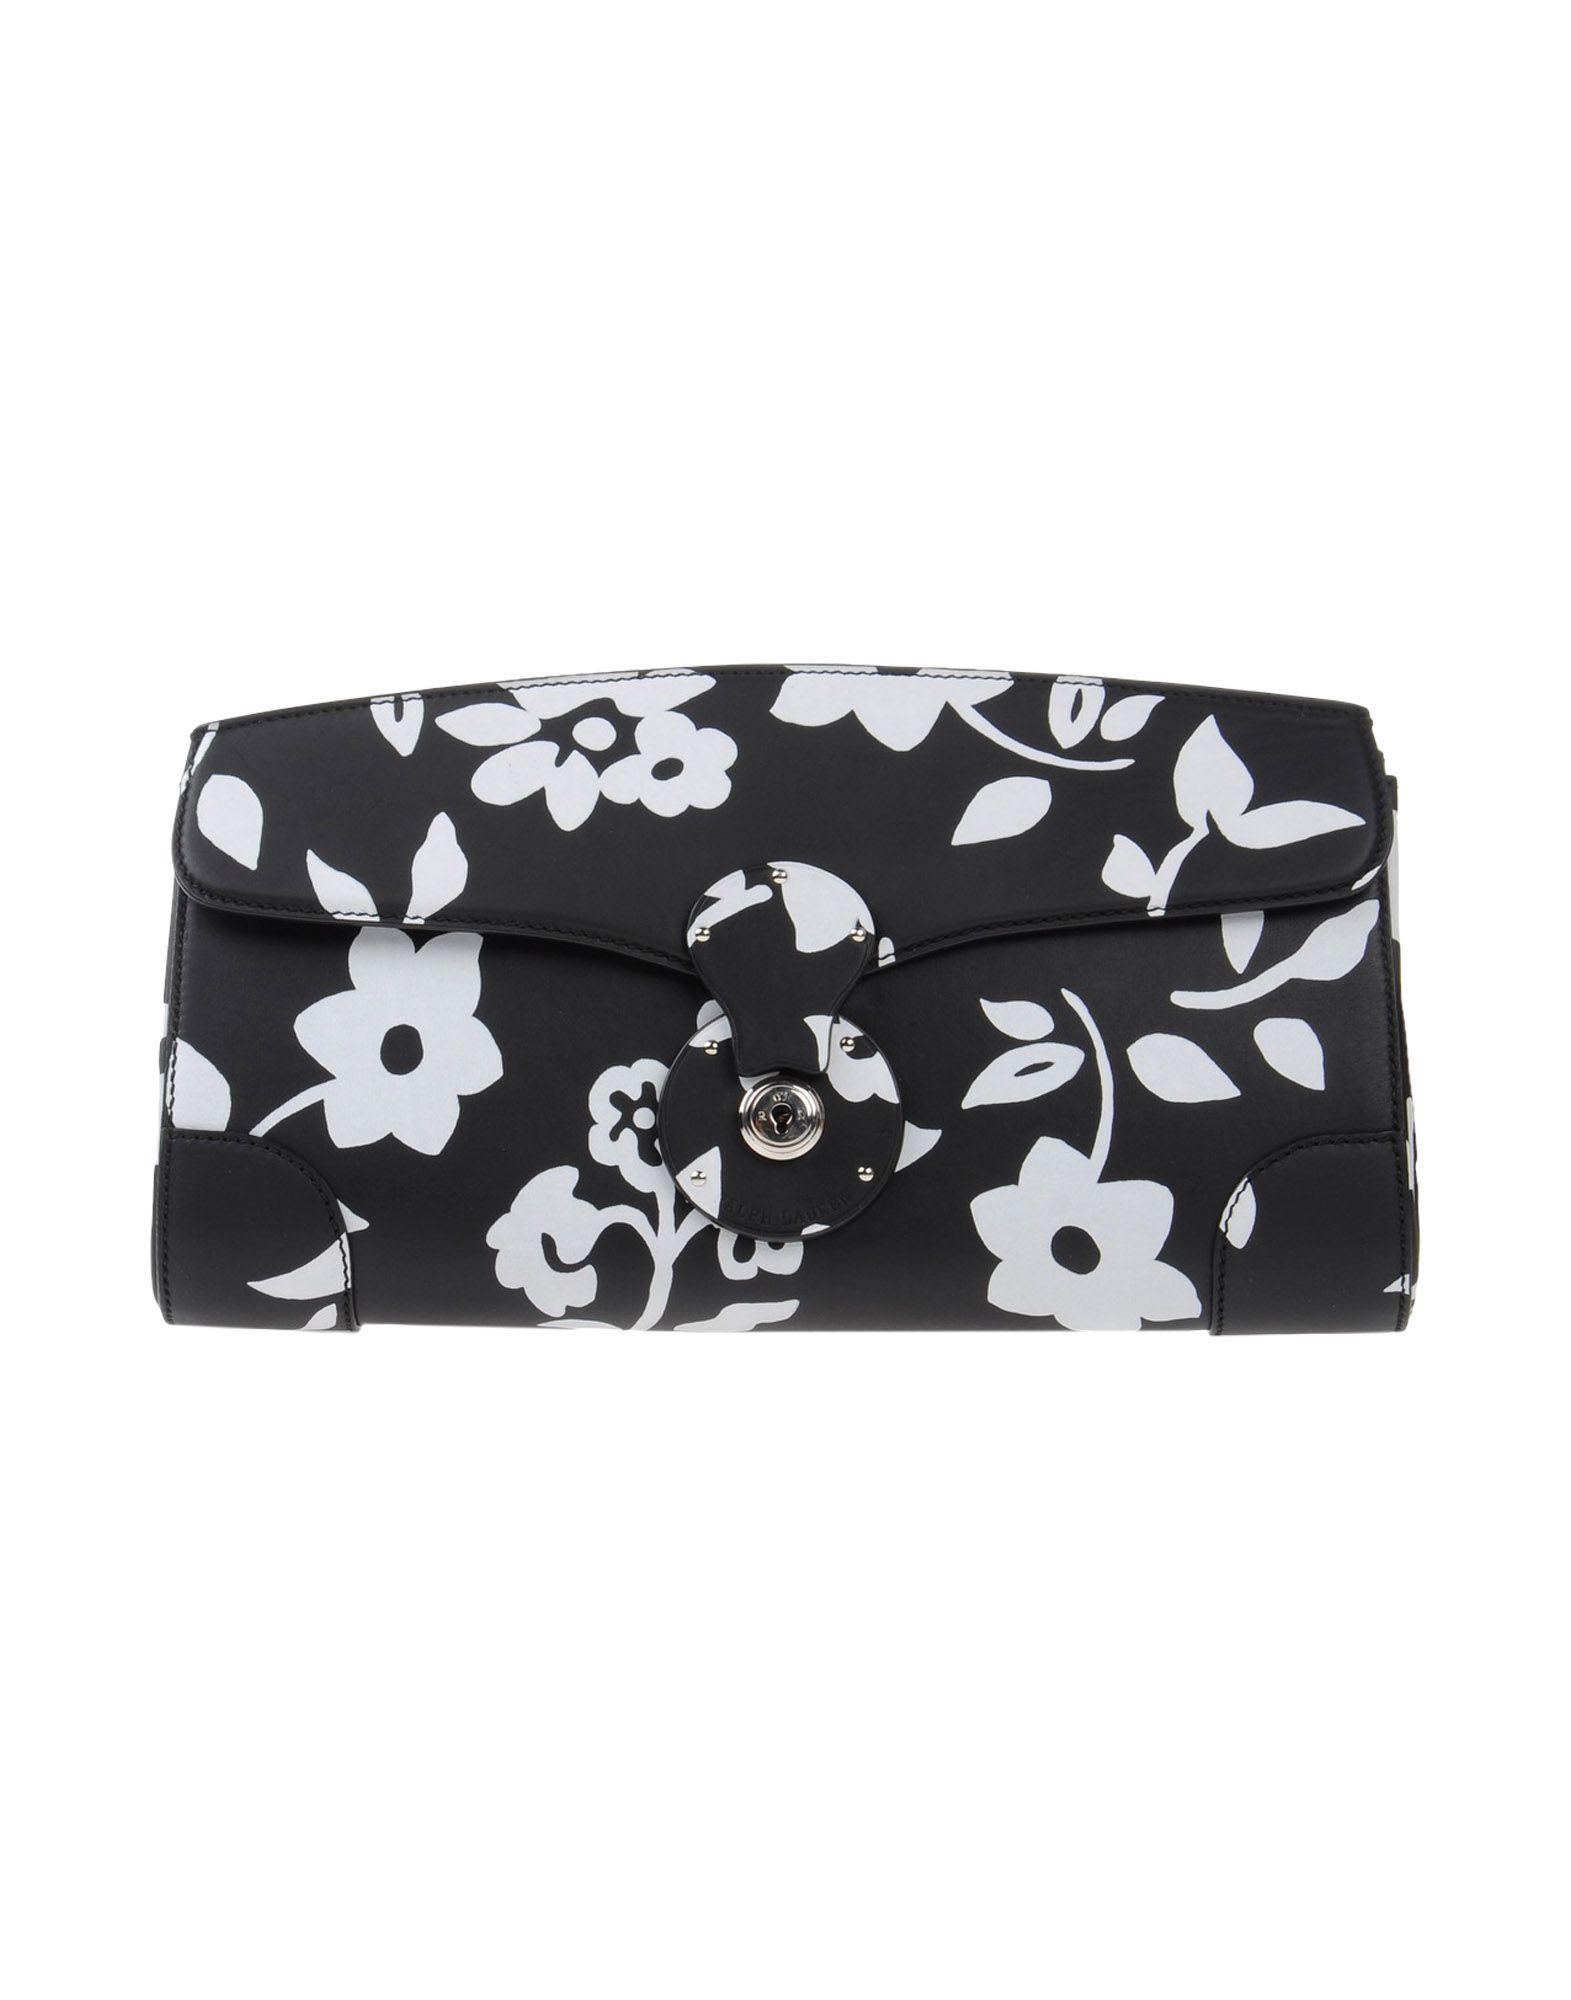 ralph lauren female ralph lauren handbags